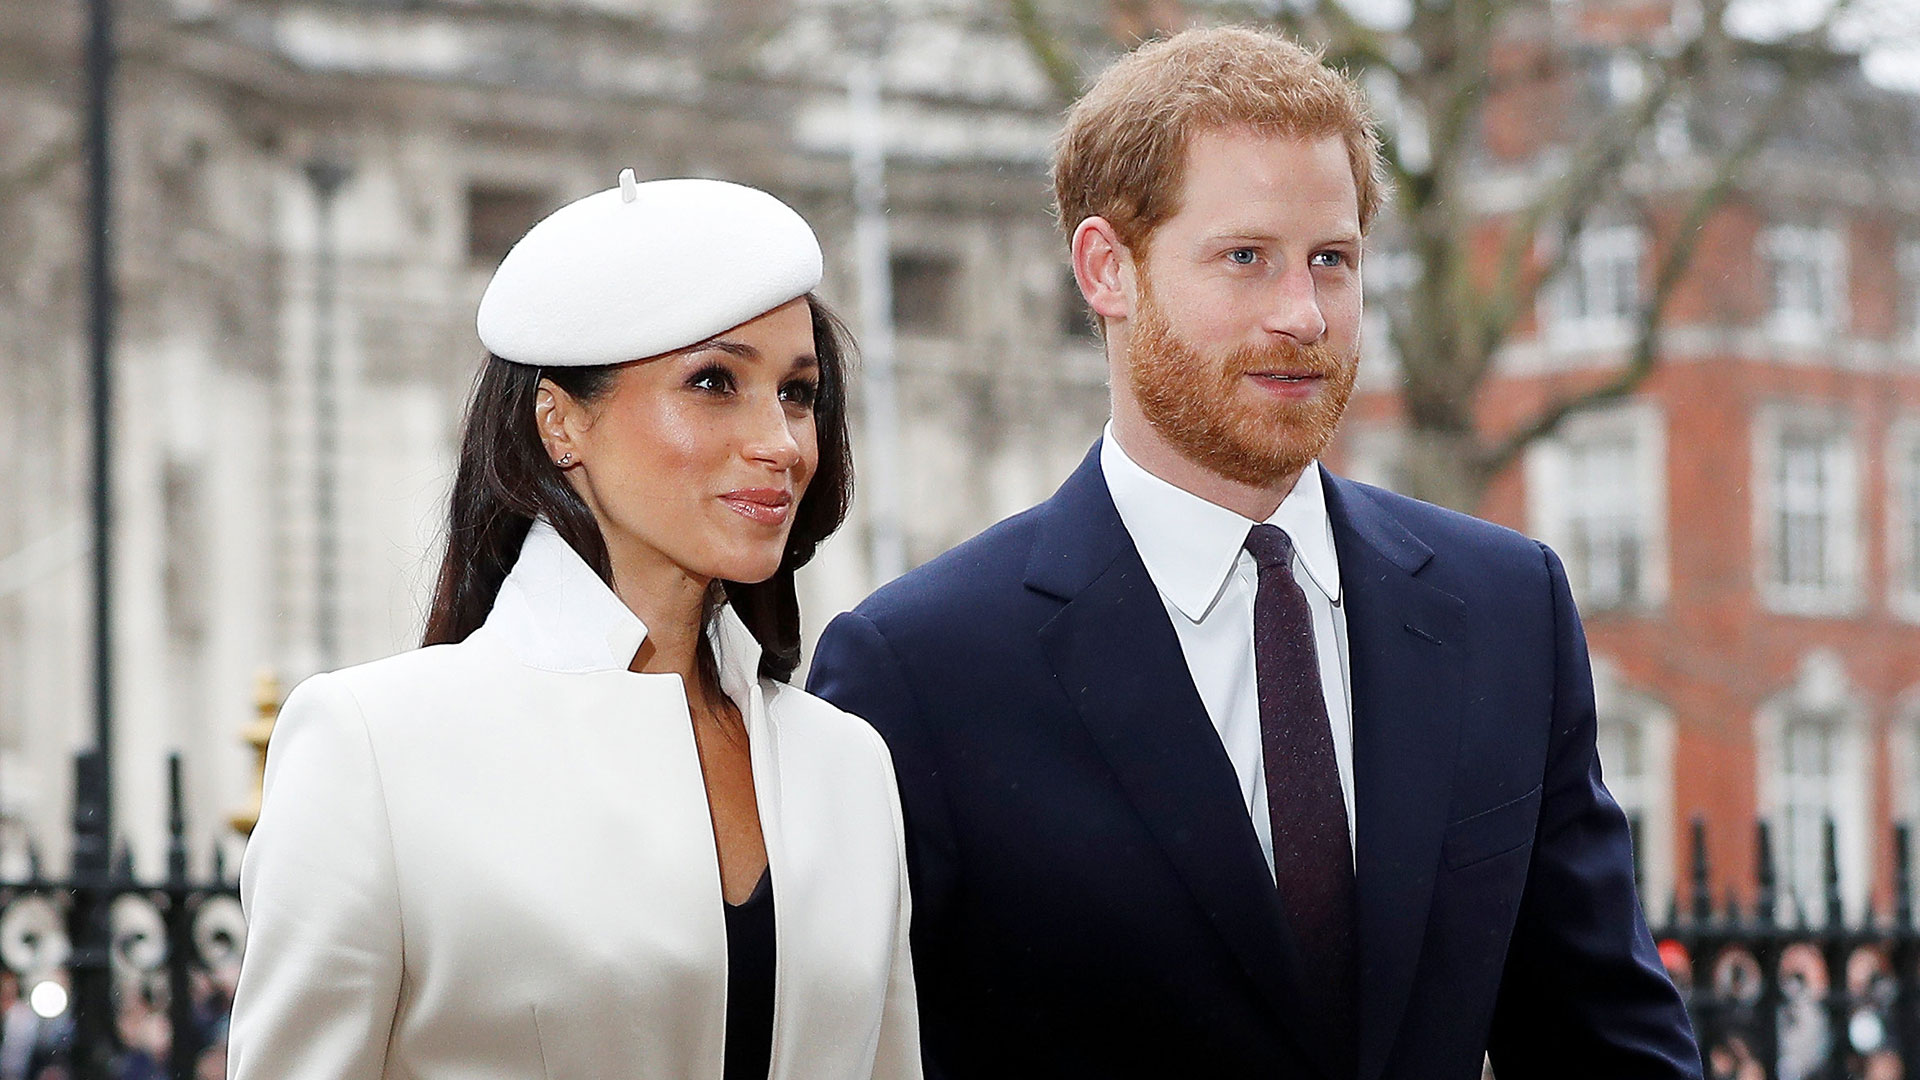 Los futuros Duques de Sussex -título que recibirán tras la boda-vivirán en Nottingham Cottage, el mismo lugar que fue residencia de los Duques de Cambrigde recién casados